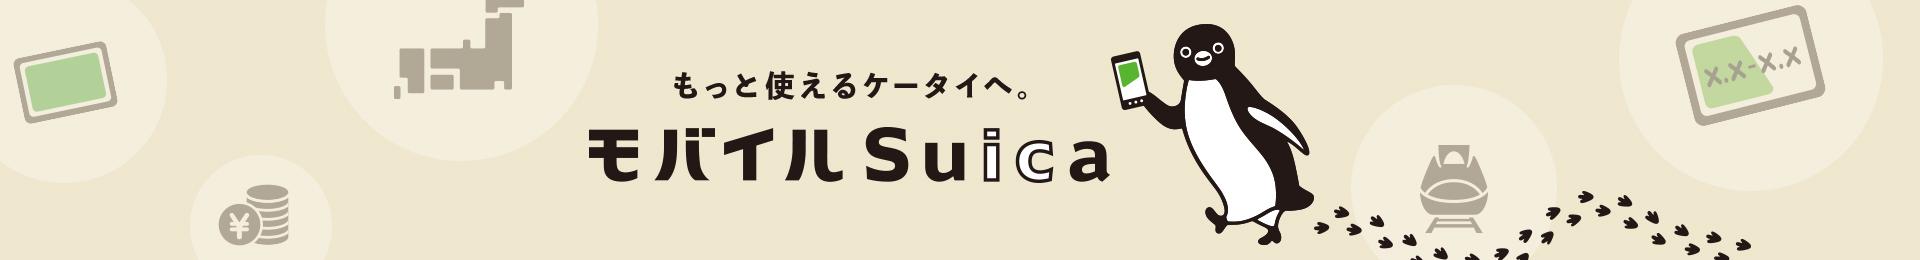 モバイルSuicaについての画像